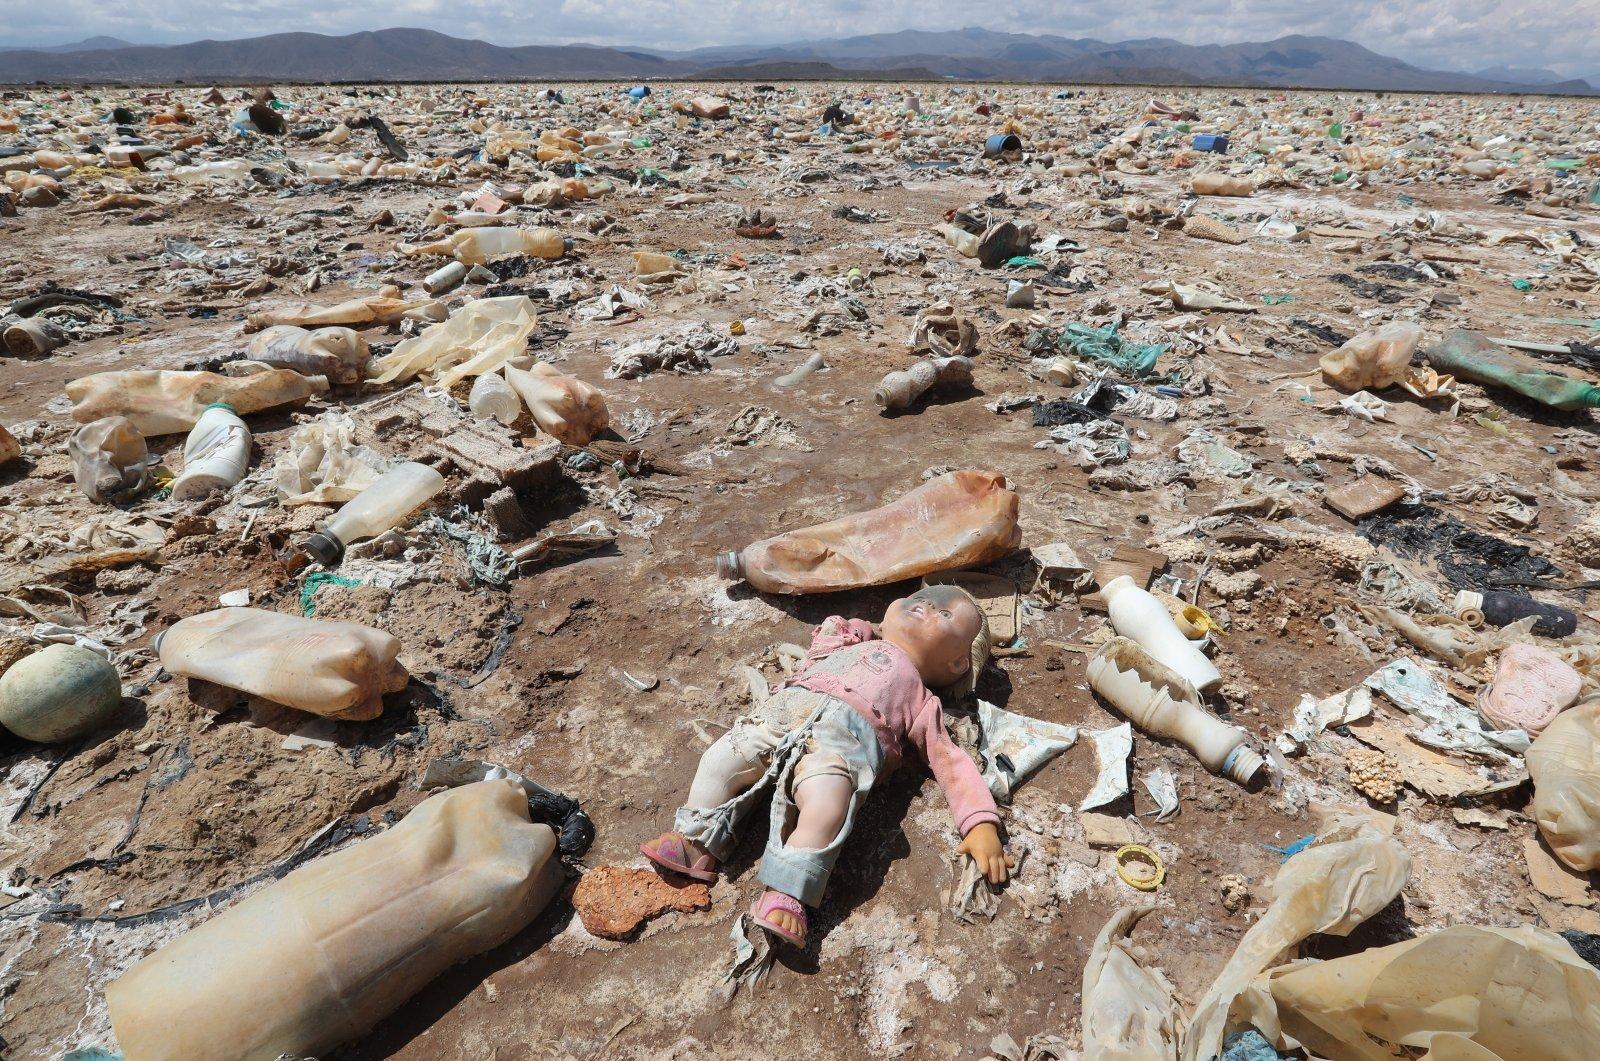 Garbage in Lake Uru Uru, in Oruro, Bolivia, March 30, 2021. (EPA Photo)